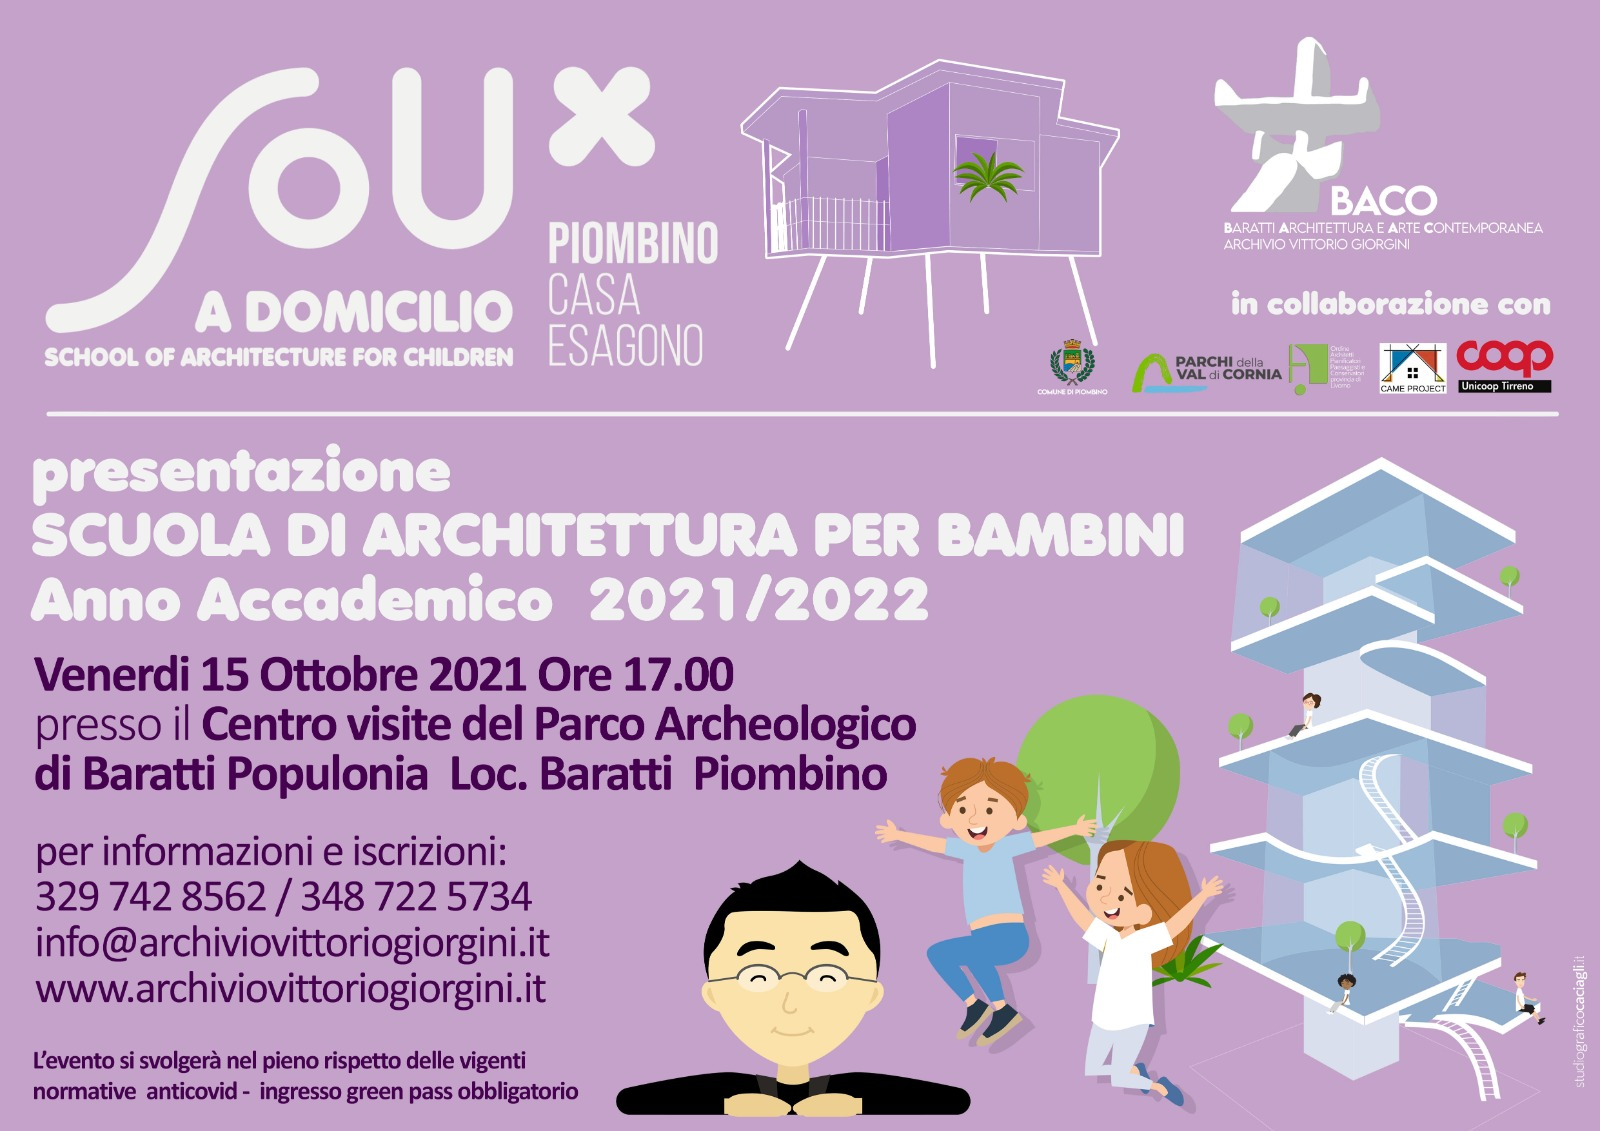 SouxPiombino, la prima scuola di architettura per bambini in Italia